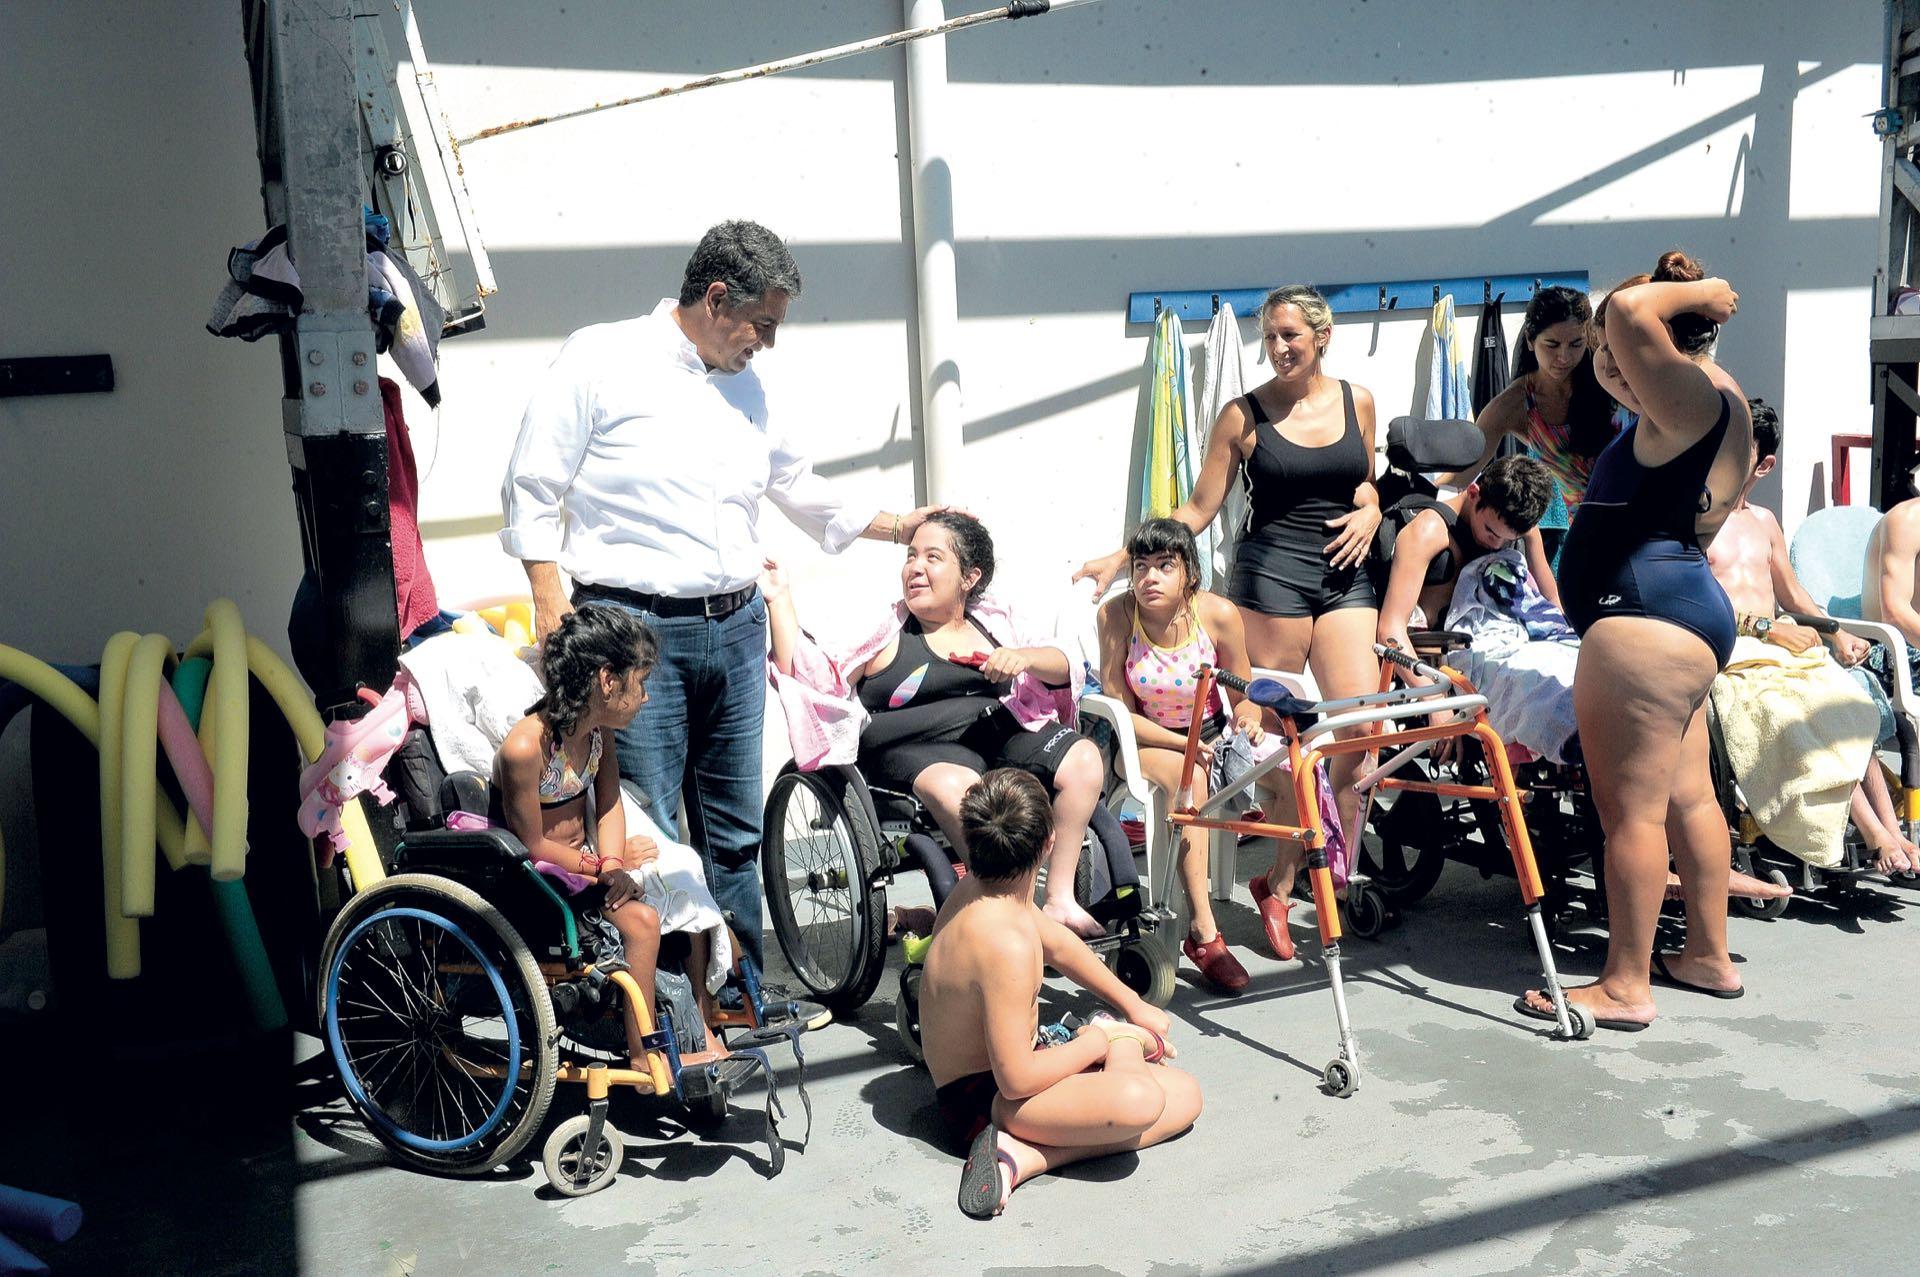 Unos 2.200 niños y adolescentesacuden durantejunto a un grupode discapacitados,tambiénbeneficiarios delos centros que el Municipio ofrece en forma gratuita a los vecino. (Foto: Julio Romero/ Prensa Vicente López)